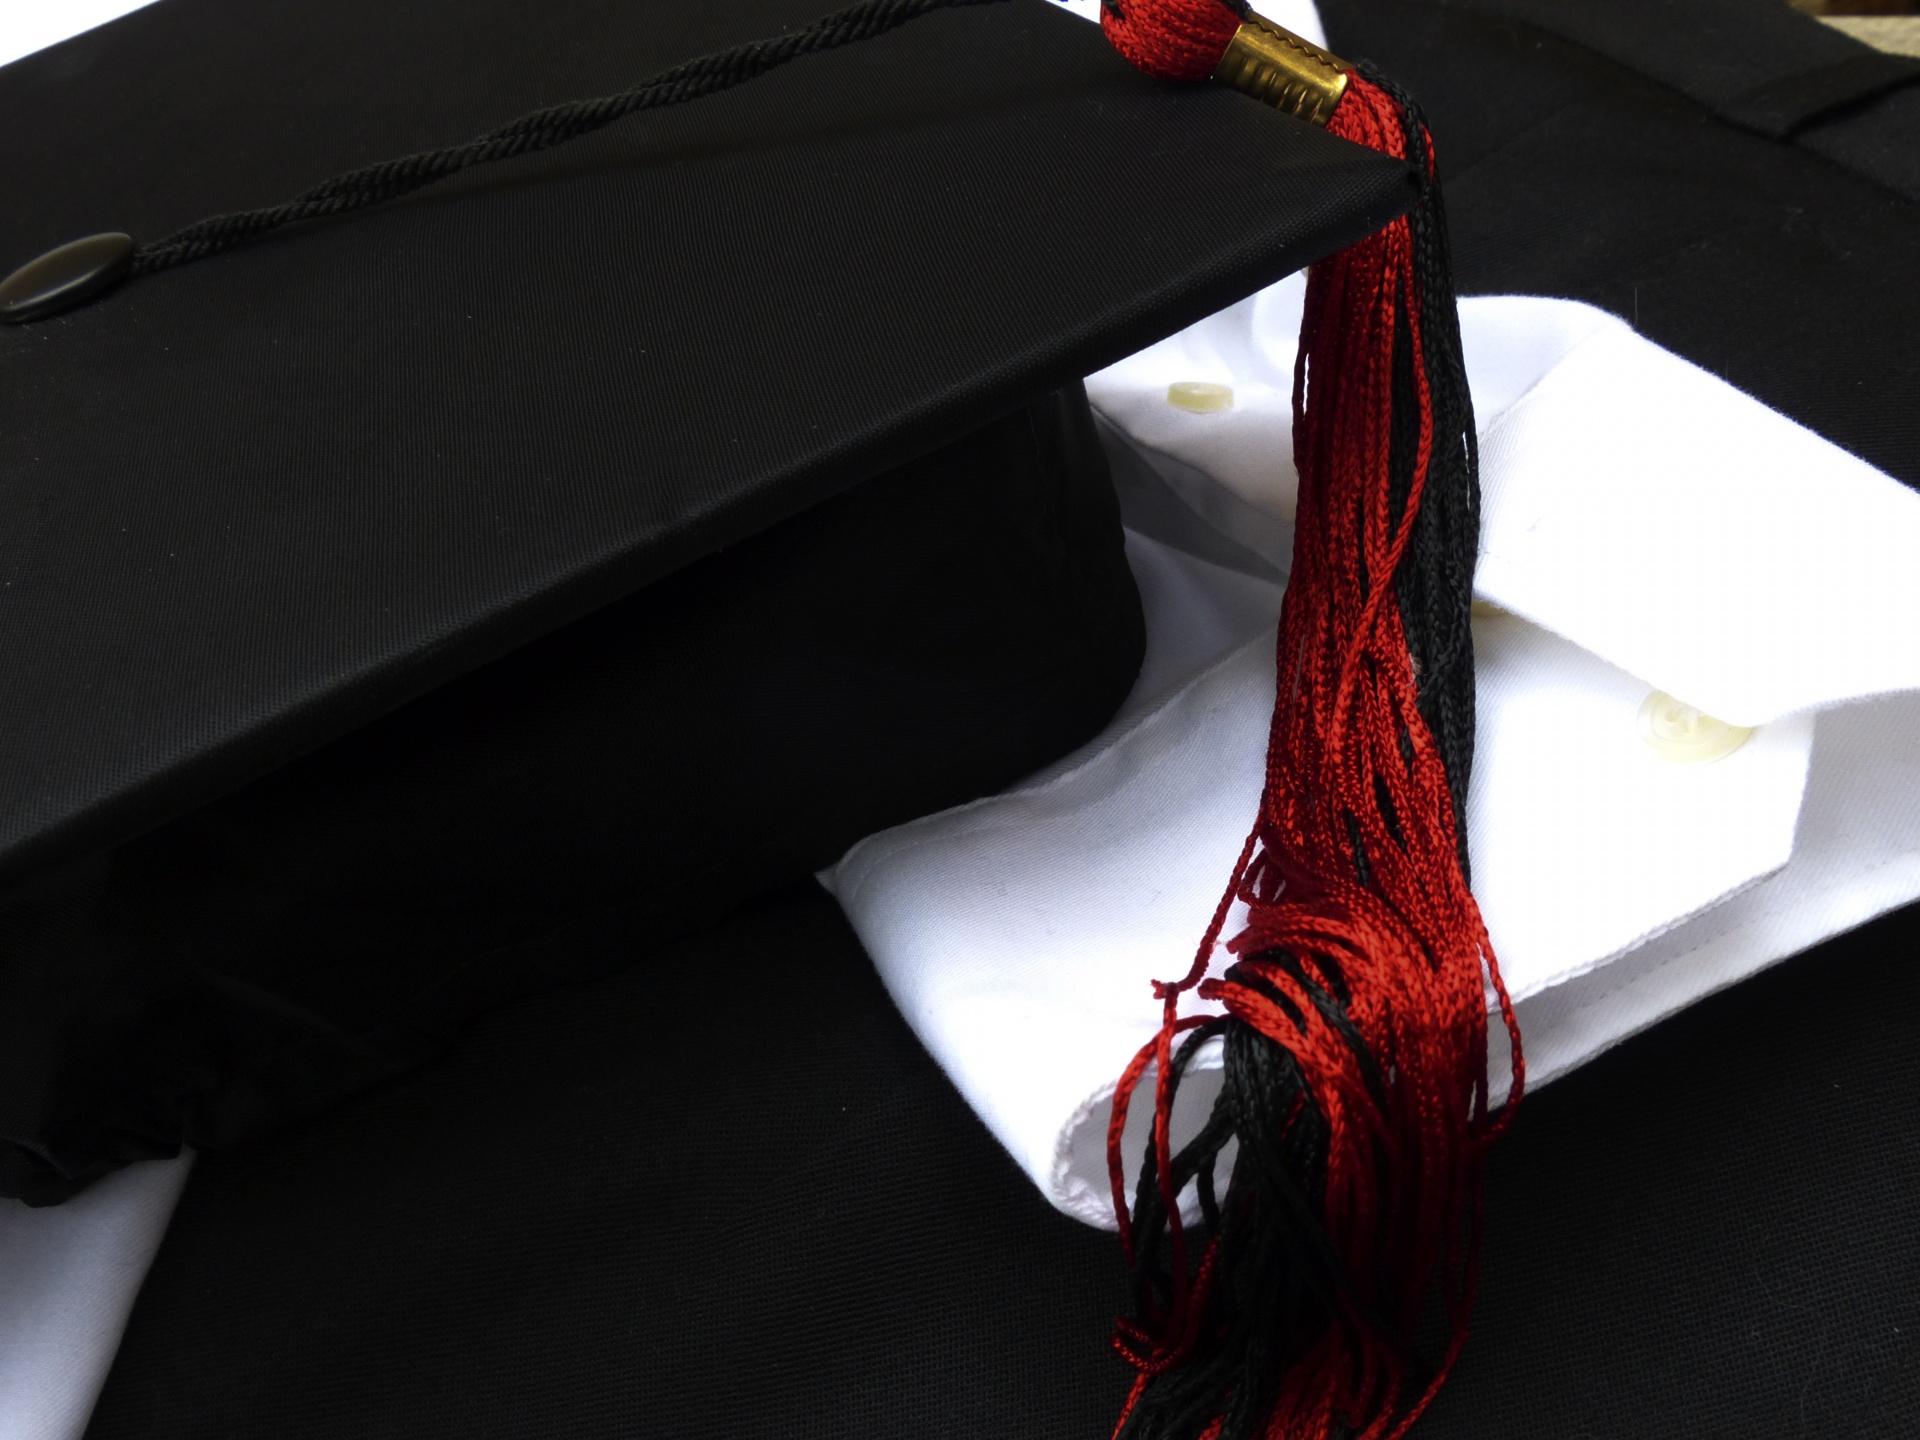 graduation, commencement exercises